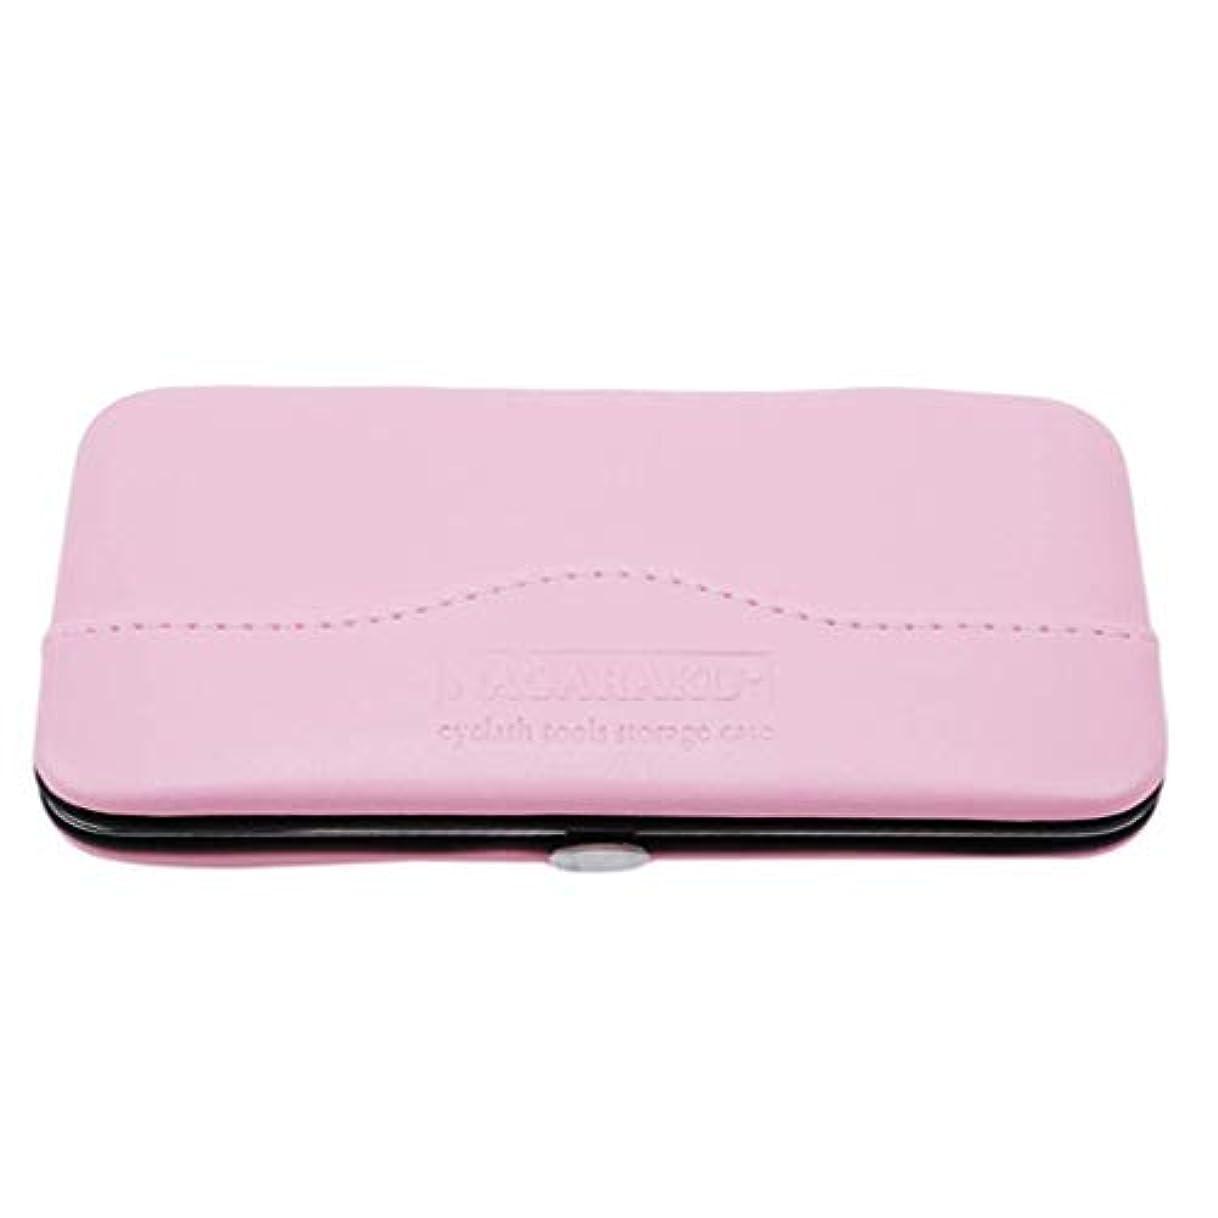 アフリカ卑しい署名1st market プレミアム品質1ピース化粧道具バッグ用まつげエクステンションピンセット収納ボックスケース